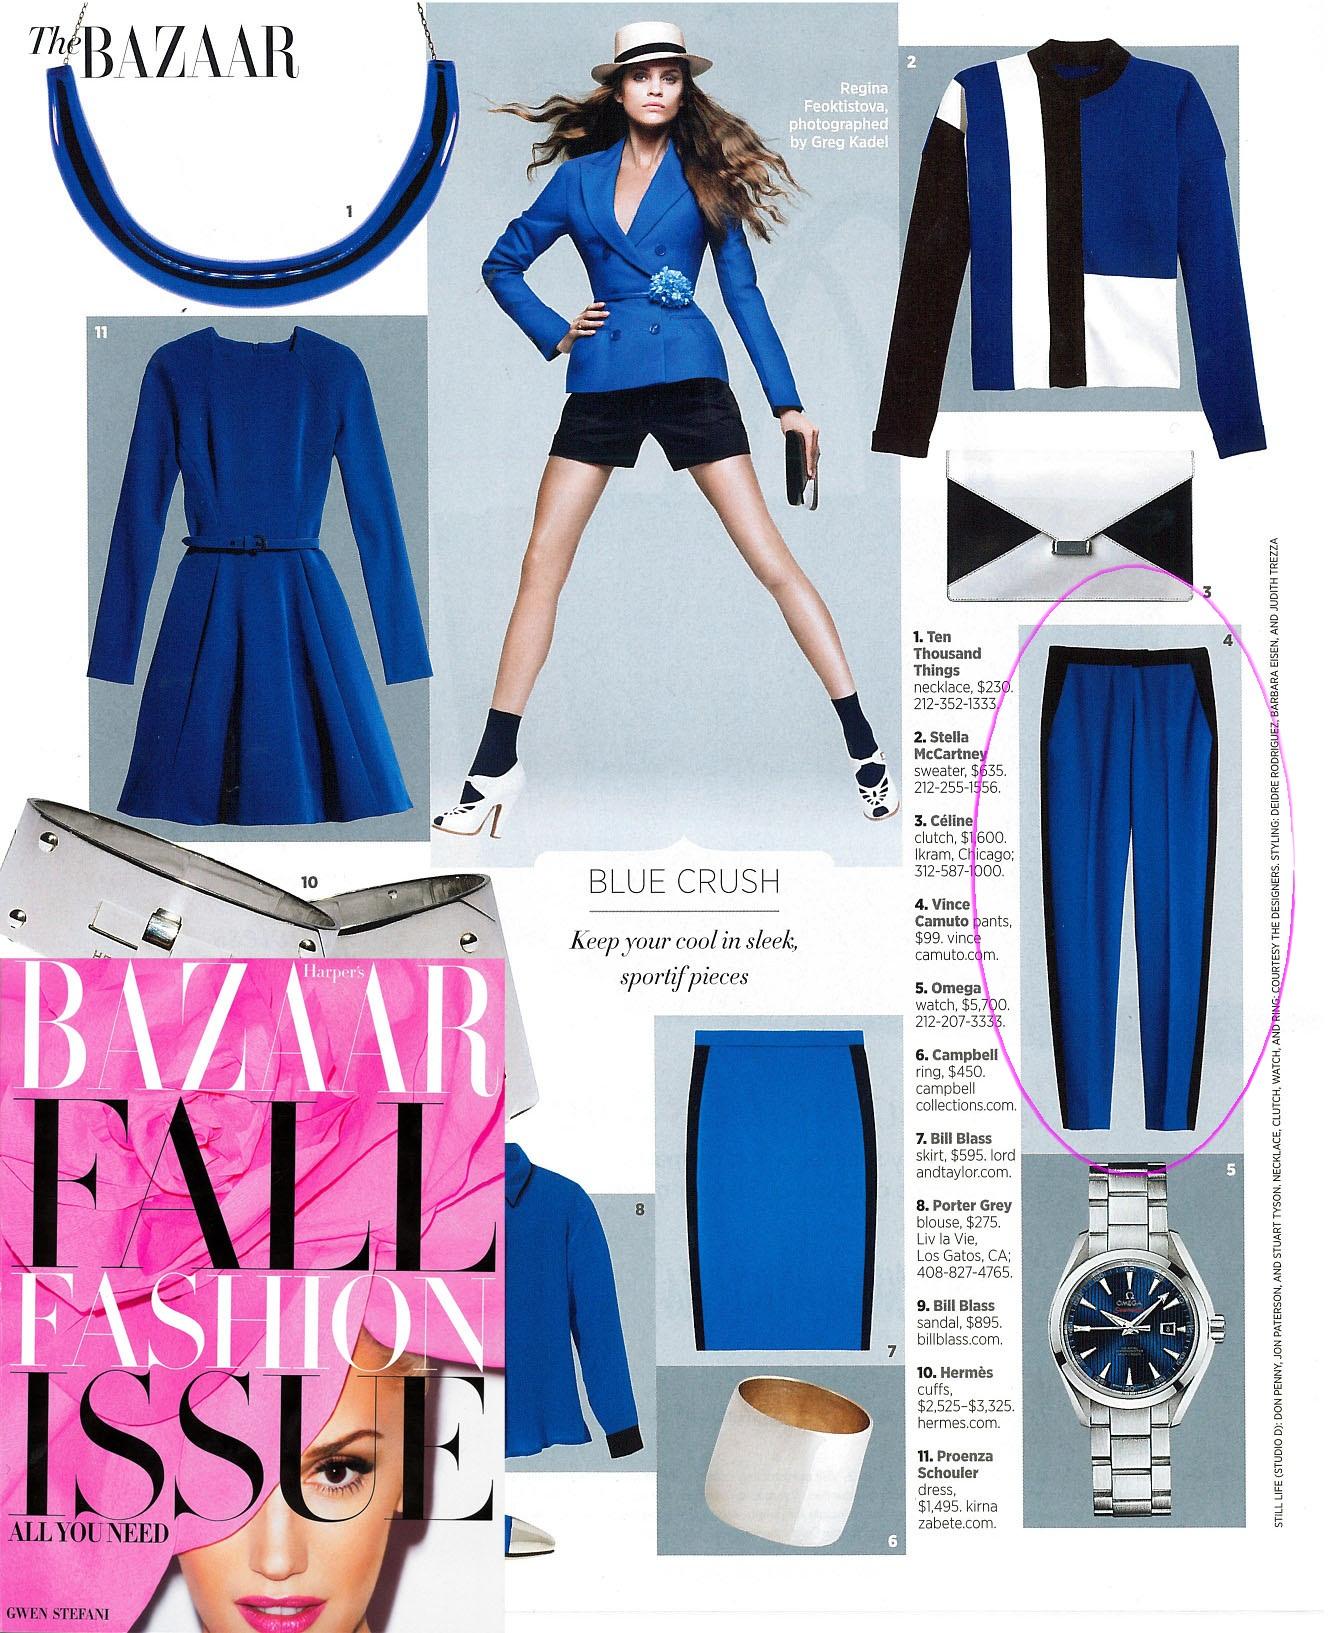 Harper's Bazaar - September 2012 - the bazaar - Copy.jpg